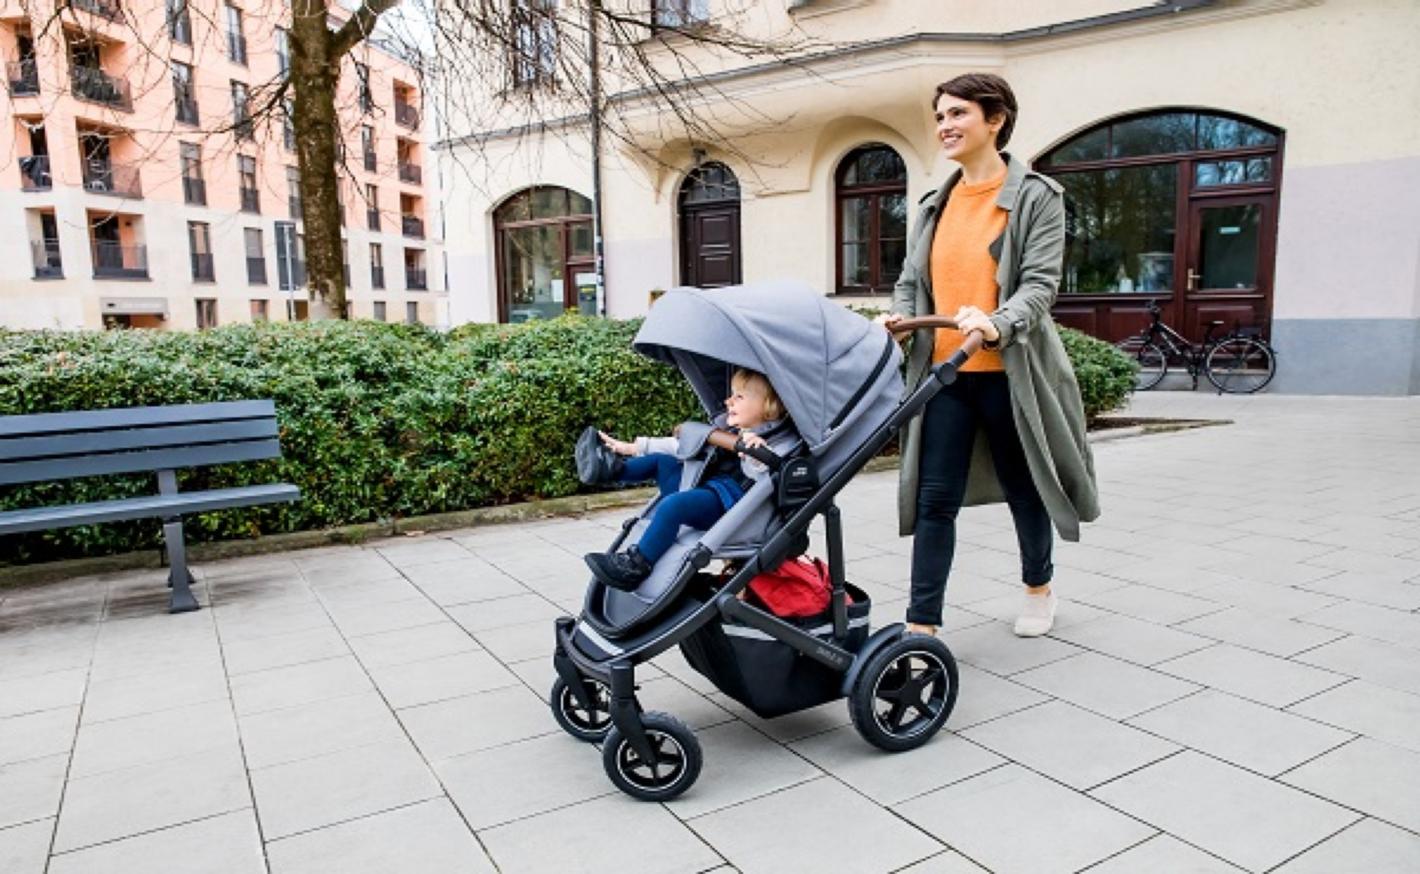 Recenze maminky SMILE III: Městský design na terénních kolech